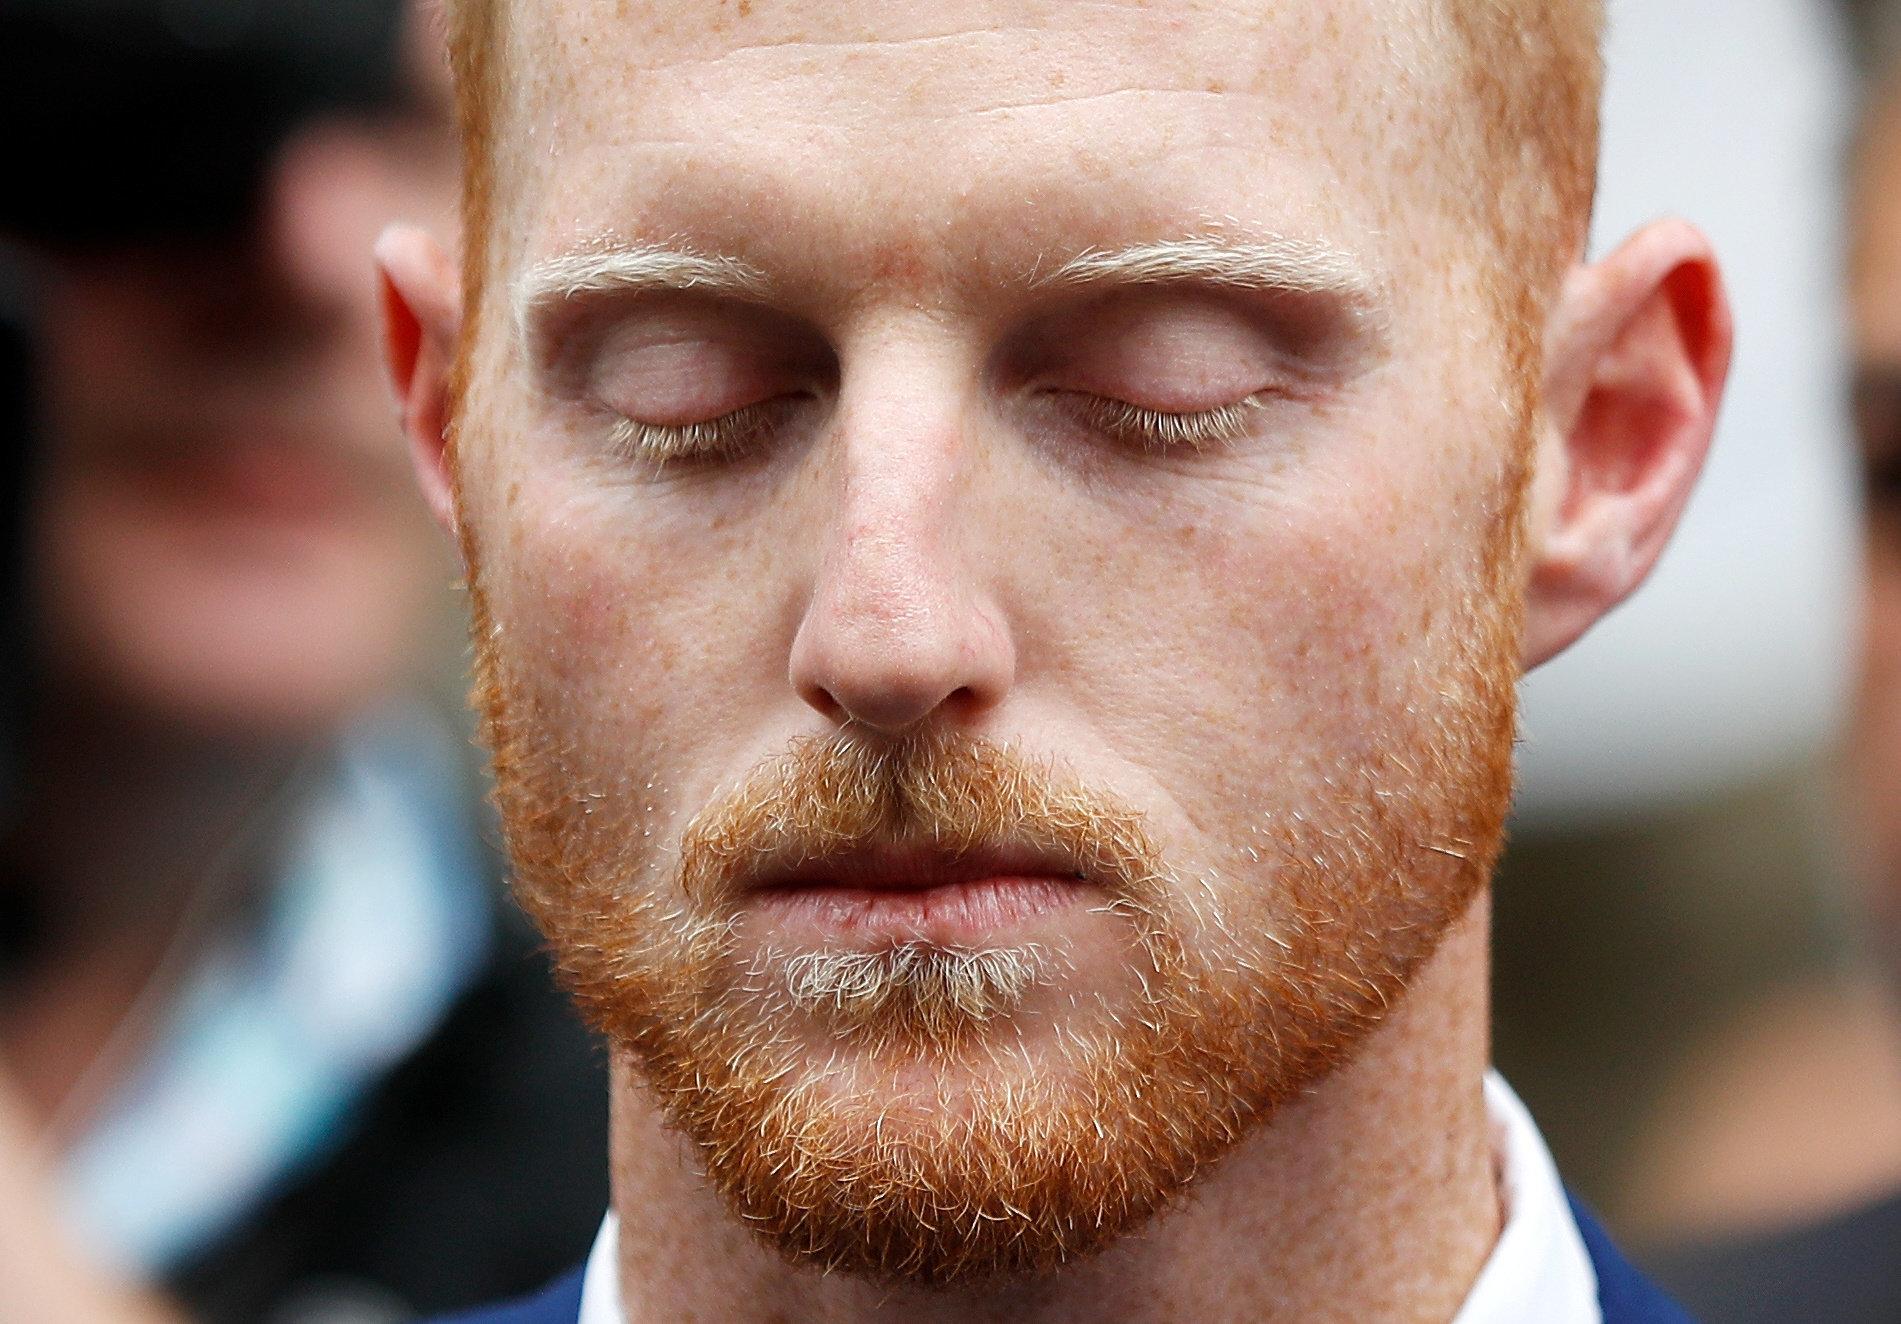 England Cricketer Ben Stokes Not Guilty Of